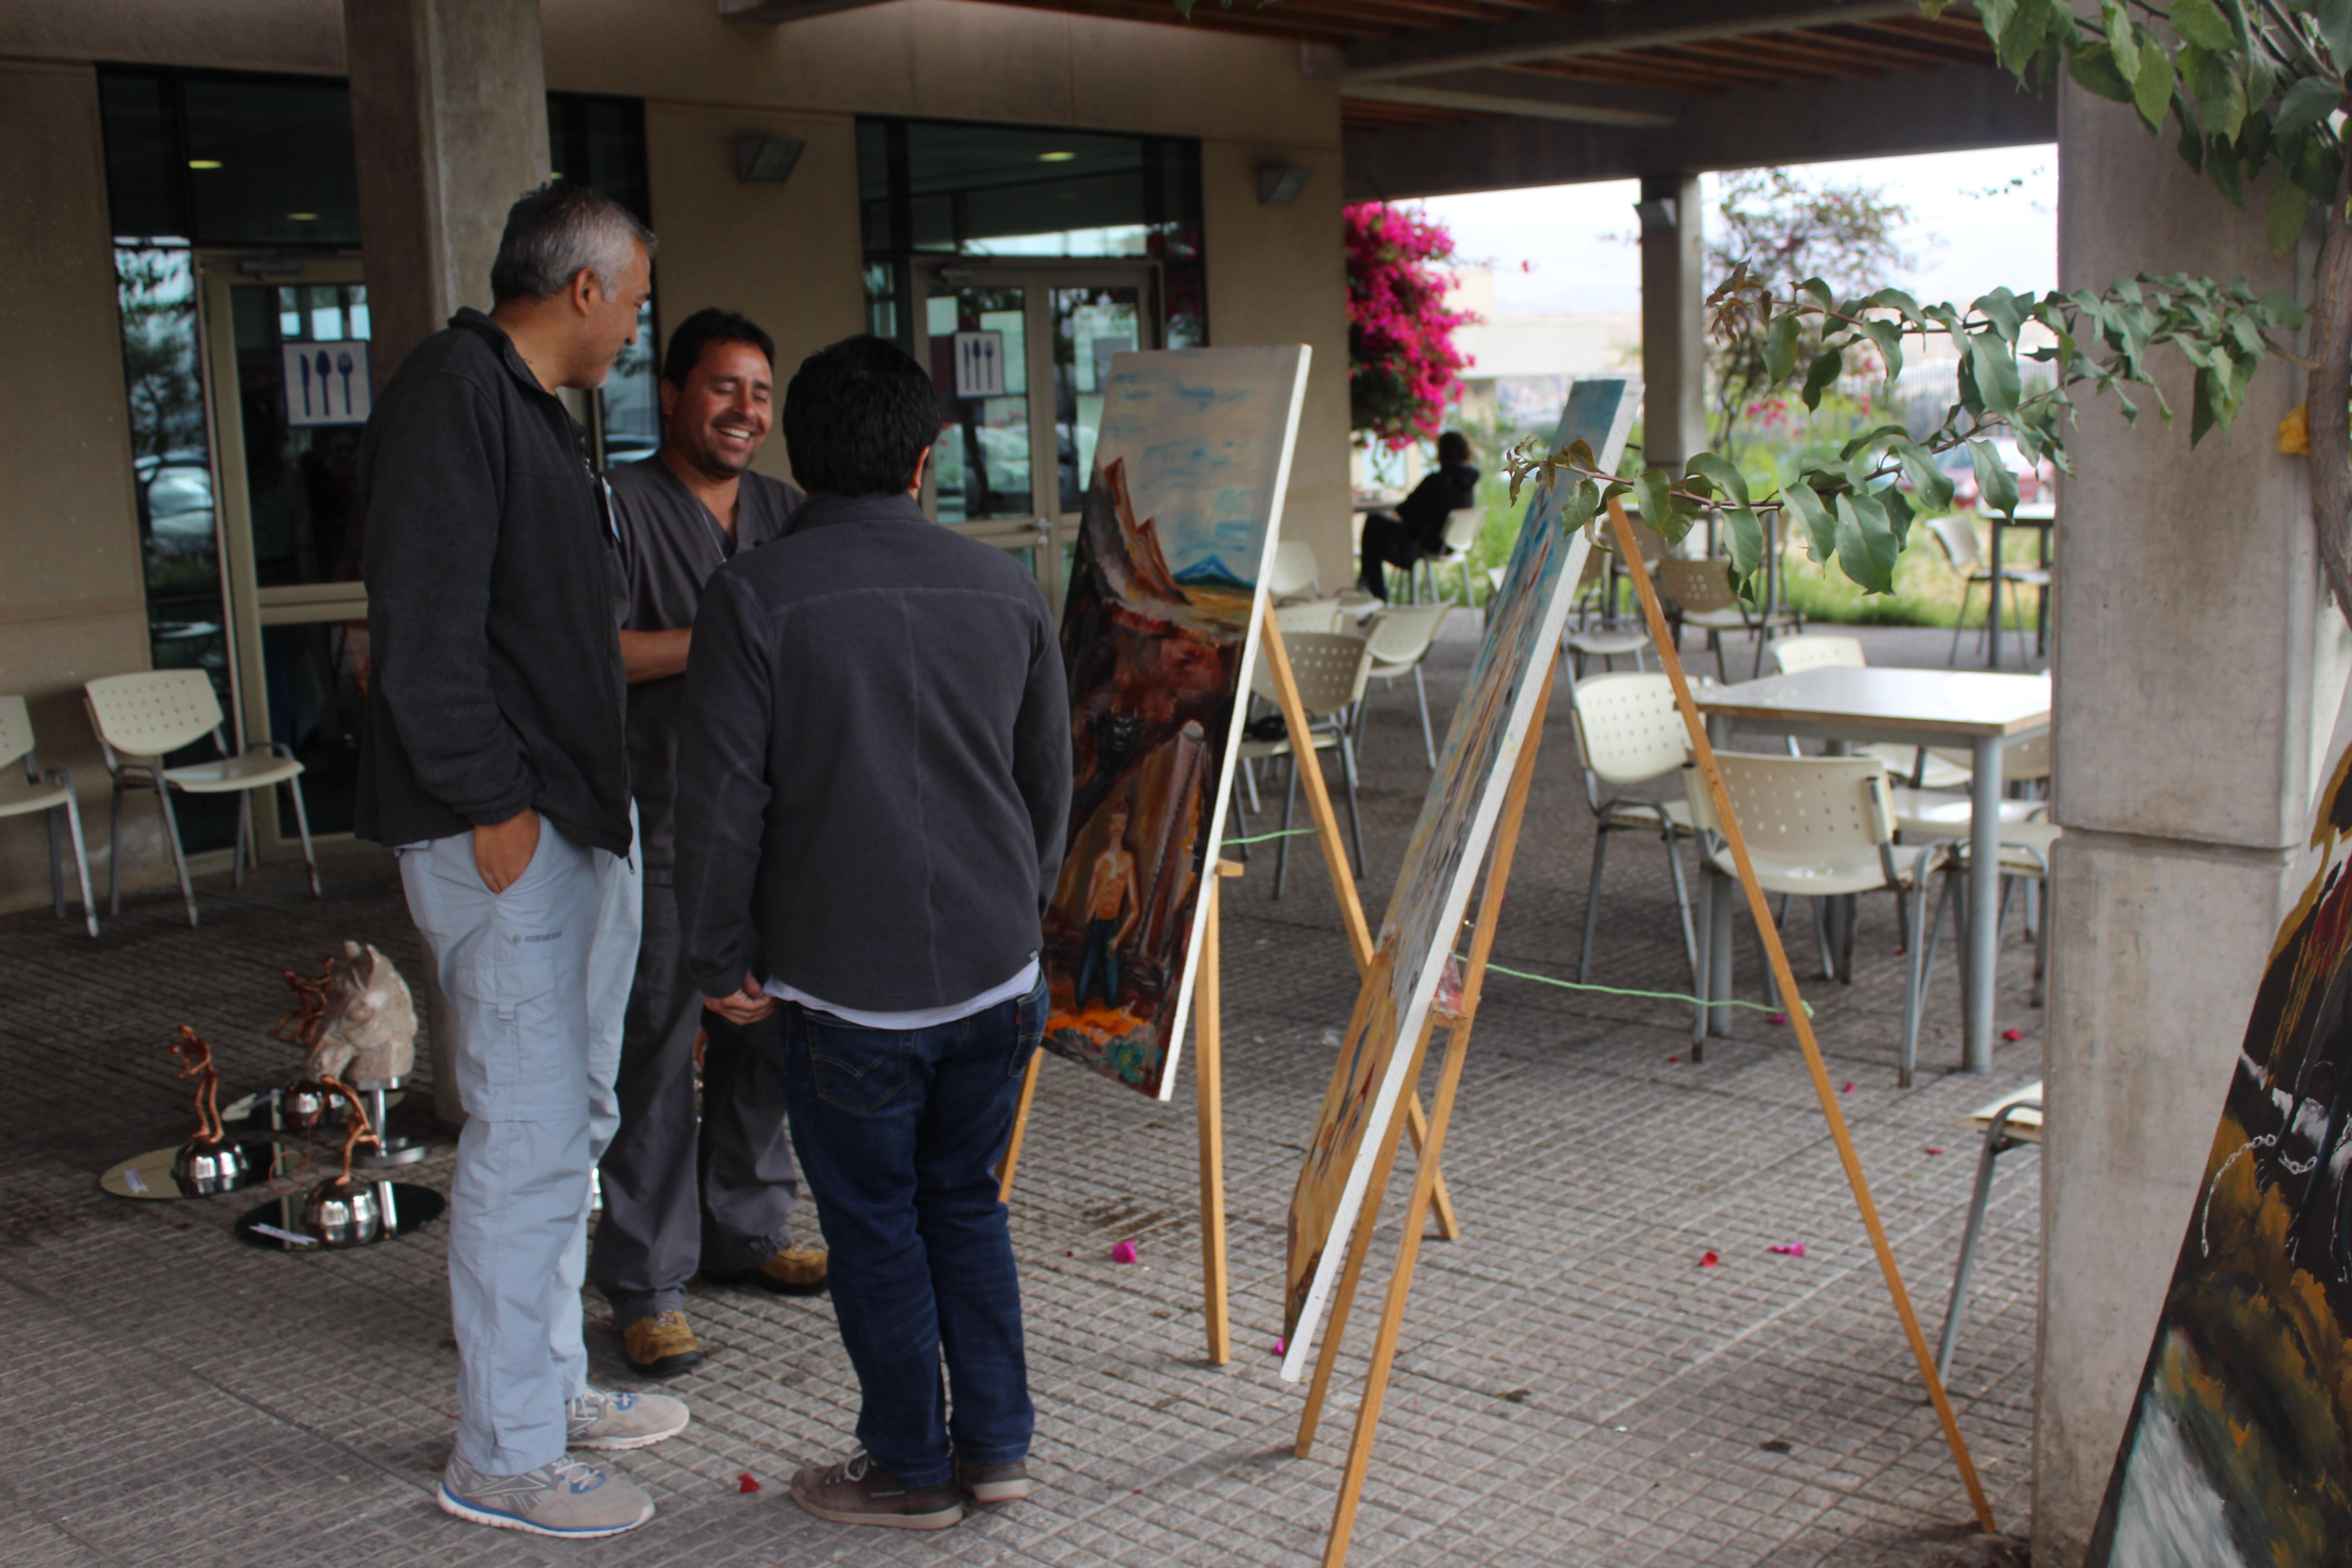 Hospital Provincial del Huasco abre espacios para que expositores y artistas expongan sus obras